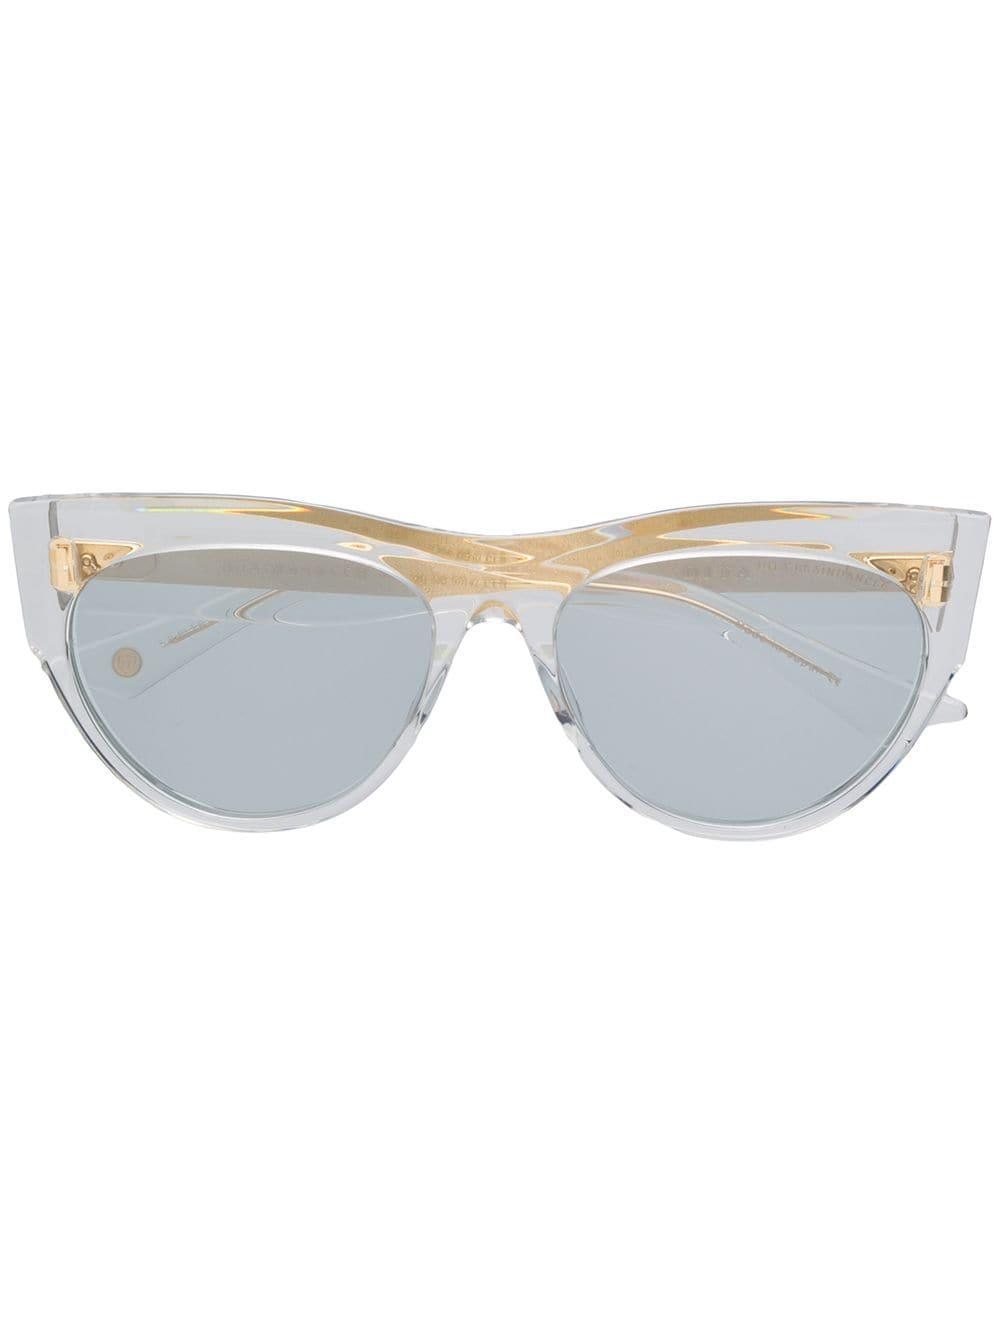 Dita Eyewear 'Braindancer' Sonnenbrille - Weiß